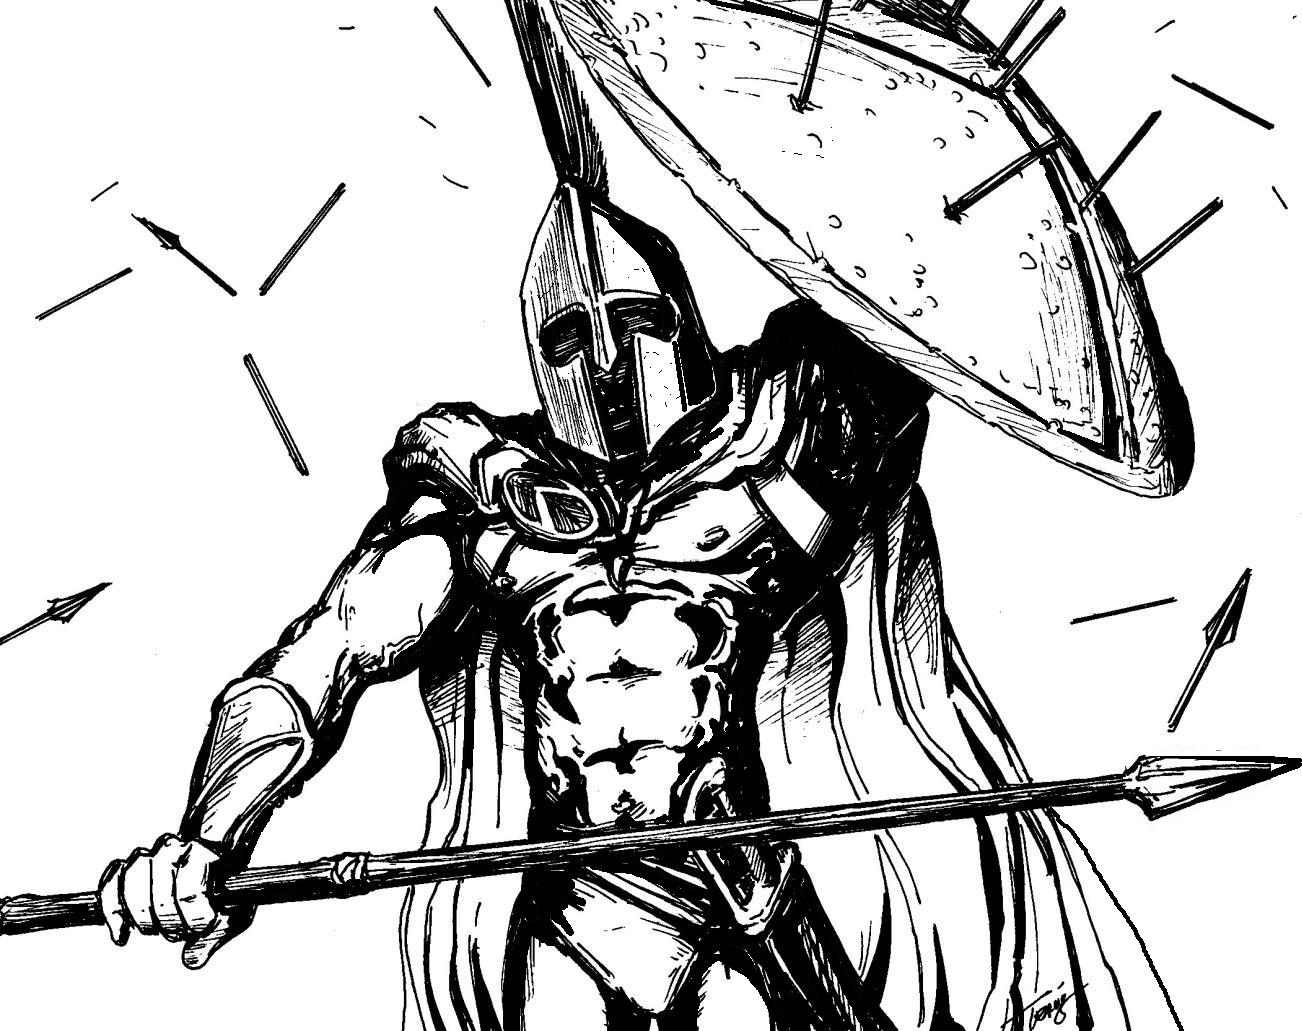 Spartan Soldier - 300 original by angelfire7508 on DeviantArt